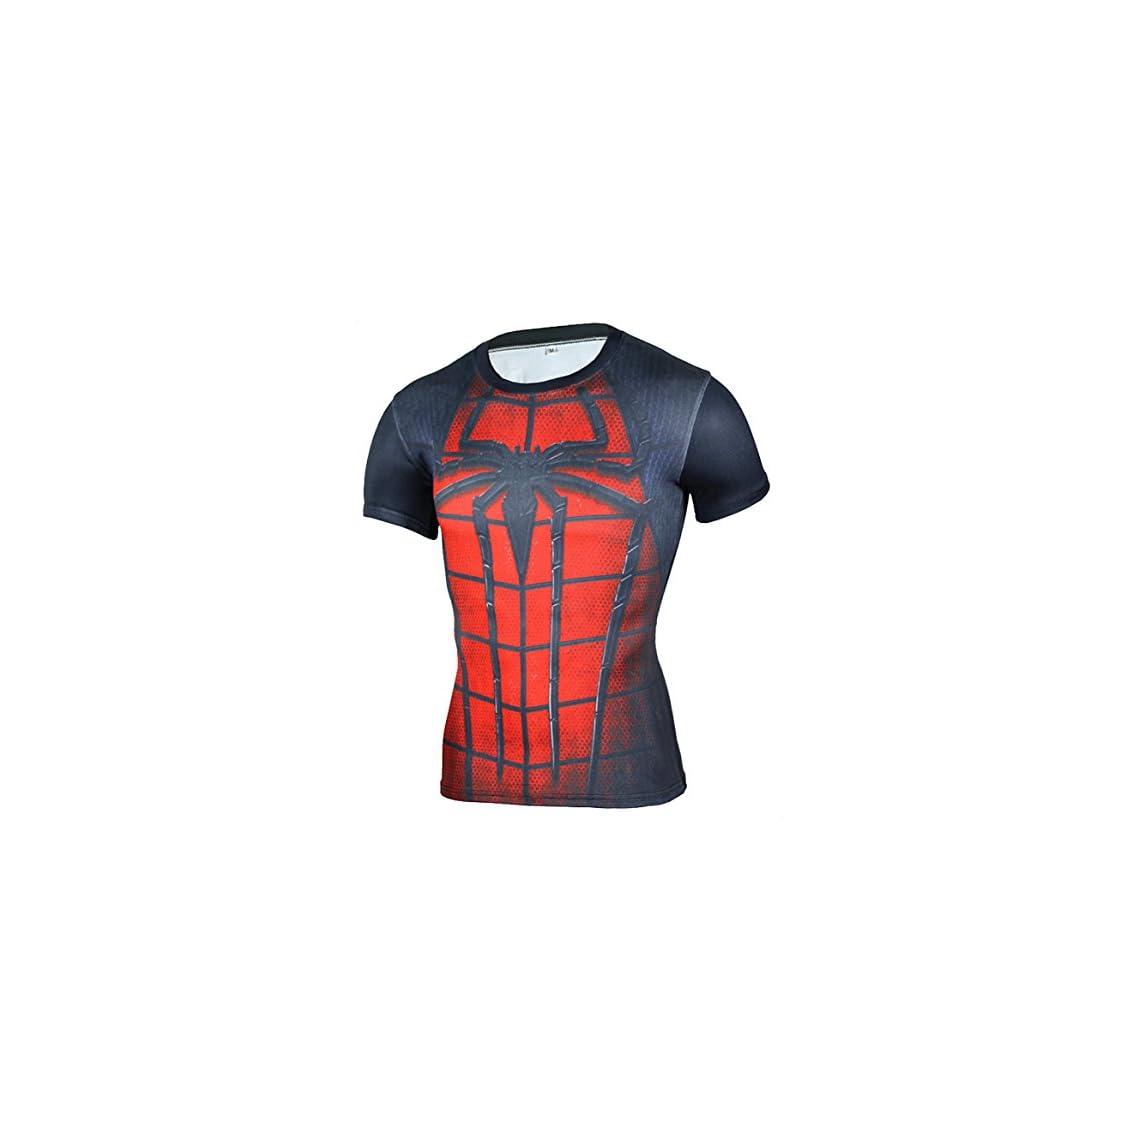 Camiseta Fitness Compresion Hombre con Dibujos de Superheroes para Entrenar  y Hacer Deporte. Licras ( ba9ebdcf6d689